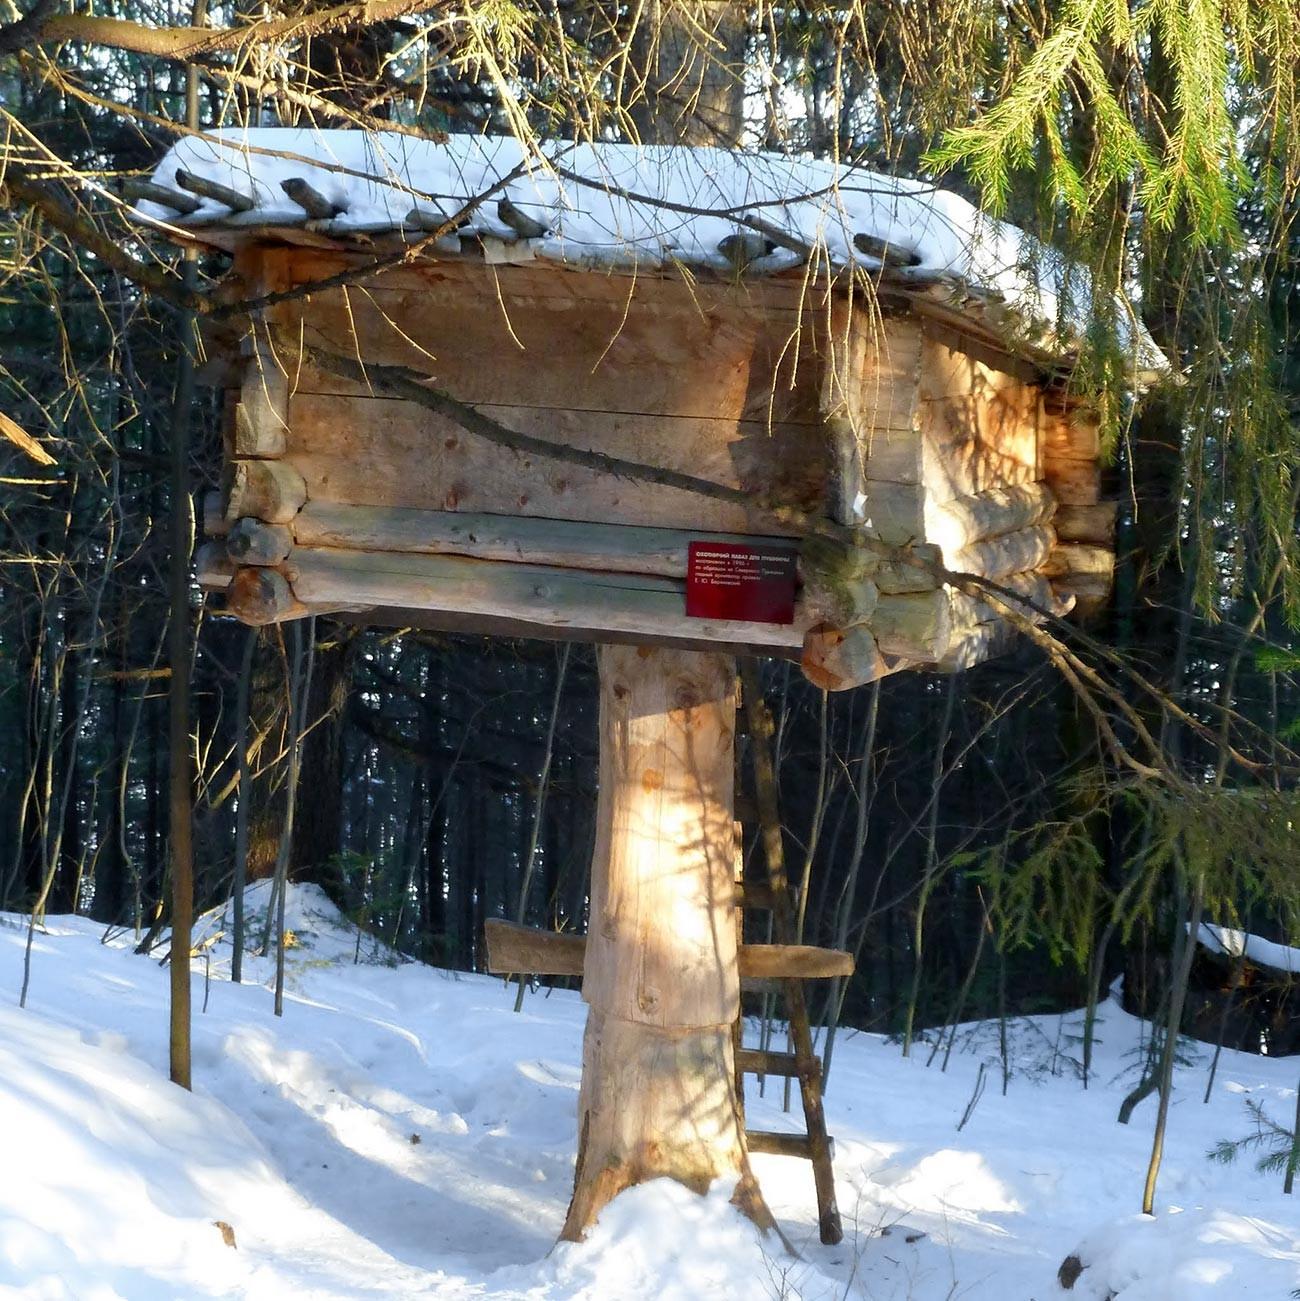 Model rumah pohon pemburu beruang